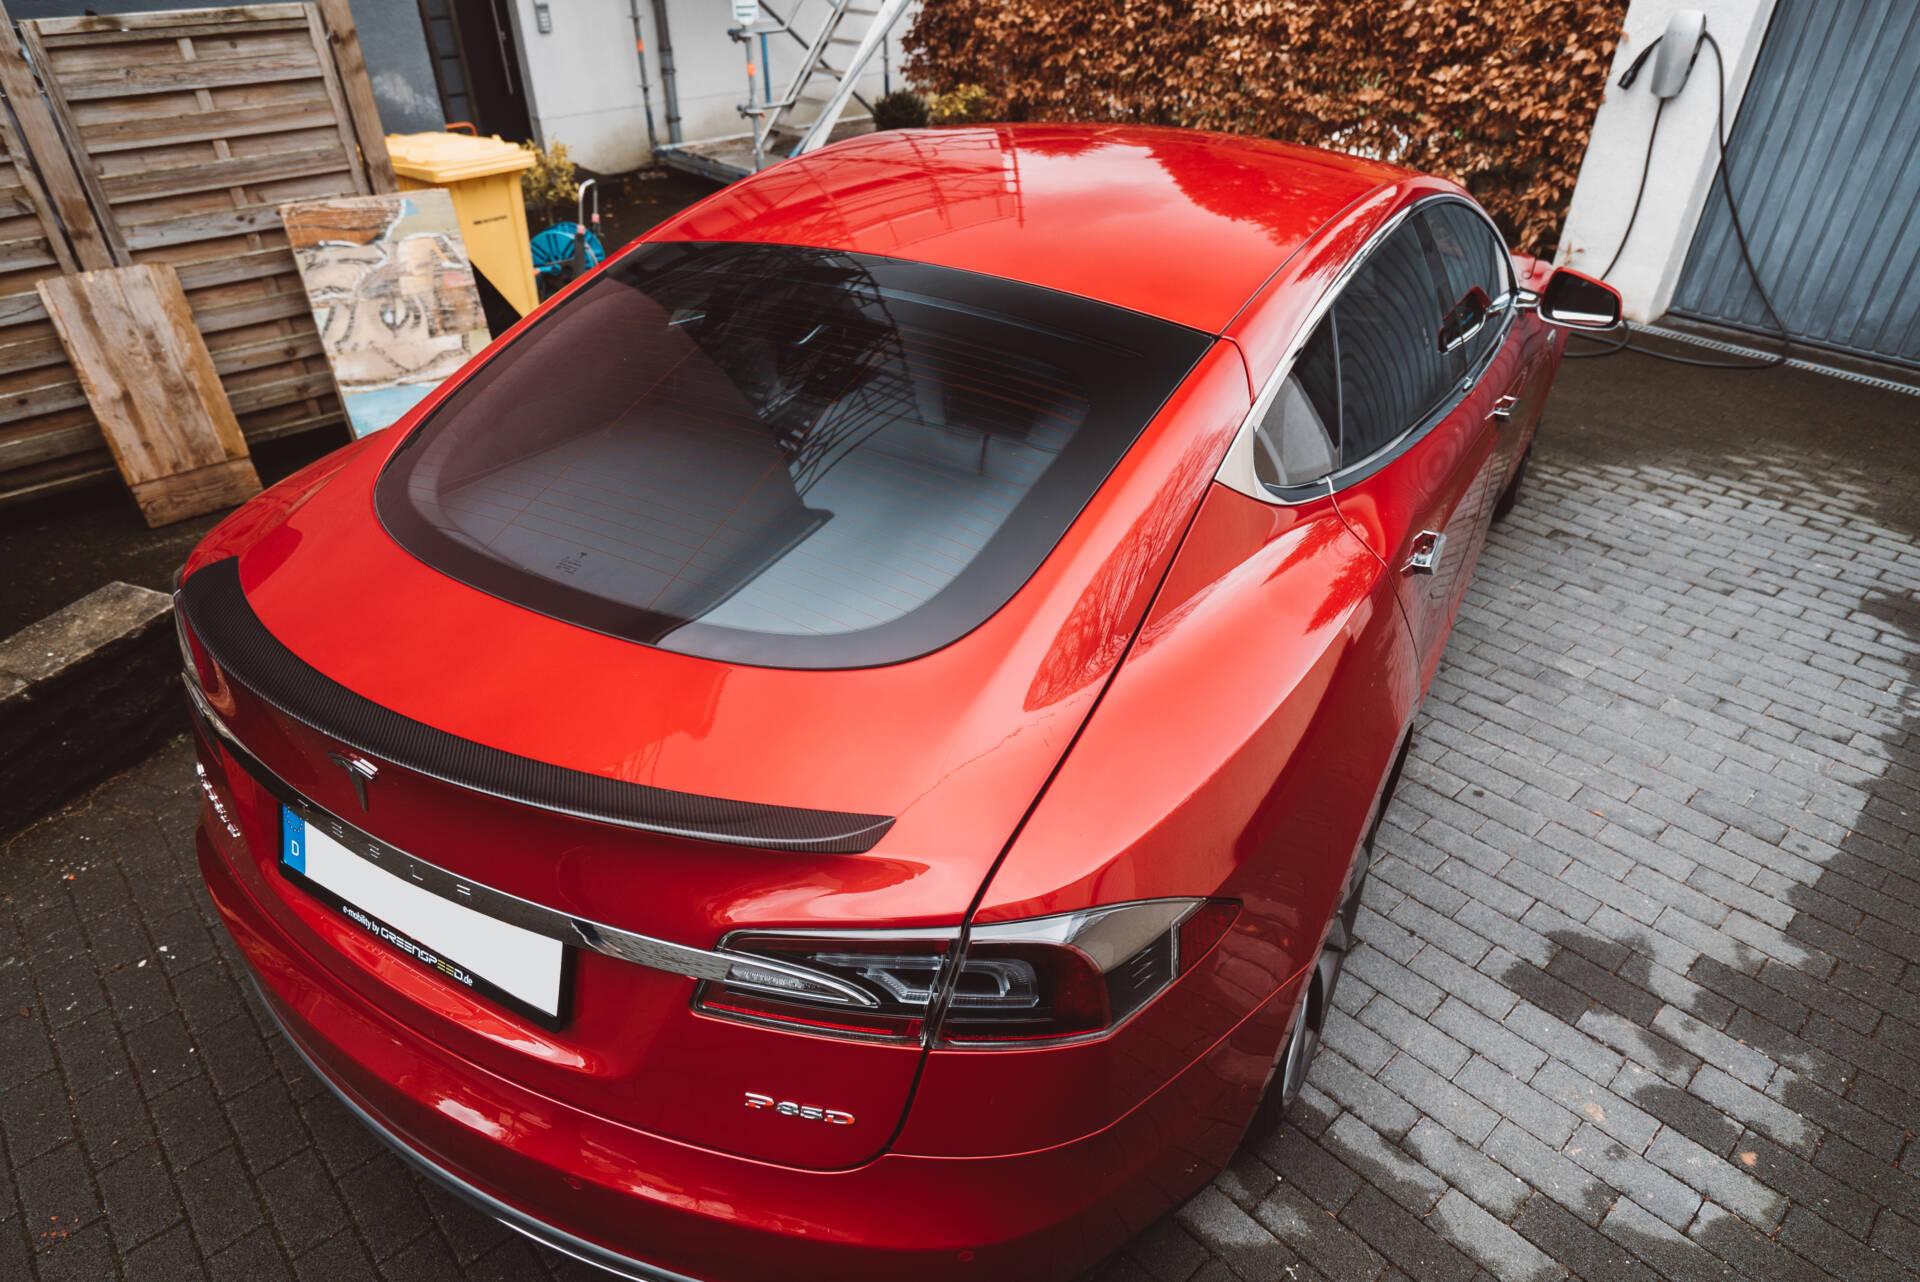 Сравнение эксплуатации электрокаров и автомобилей с ДВС в Германии